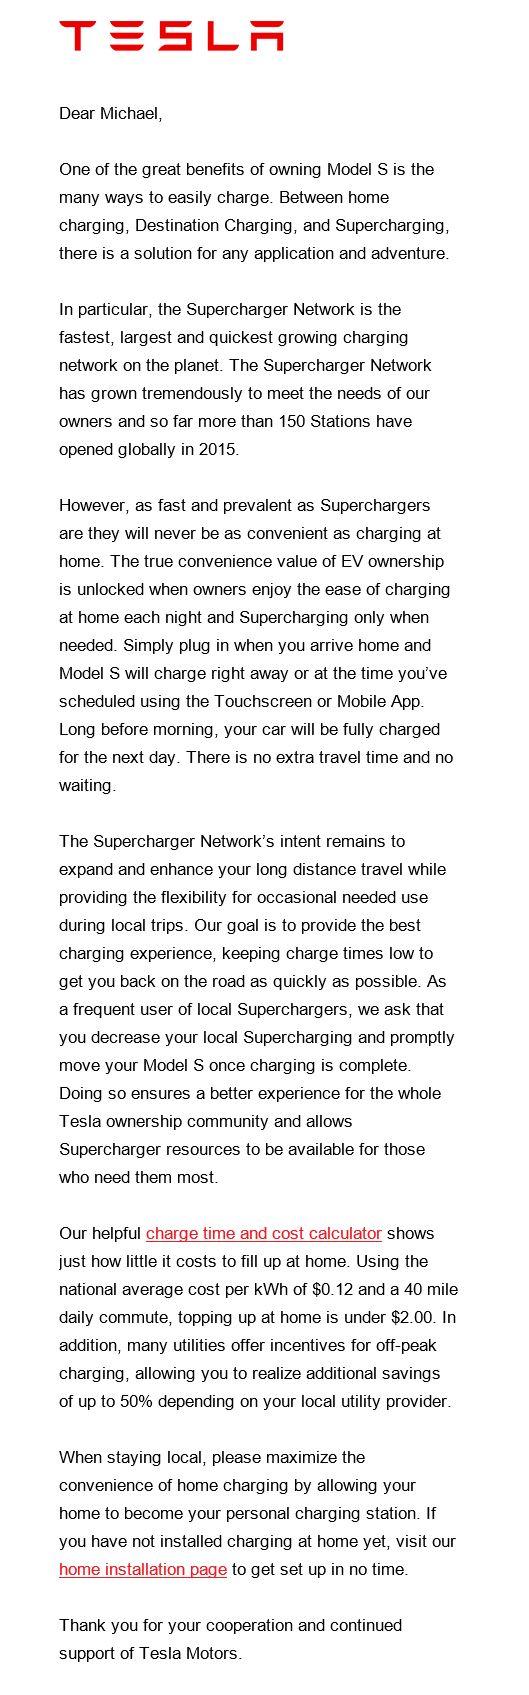 Tesla-letter